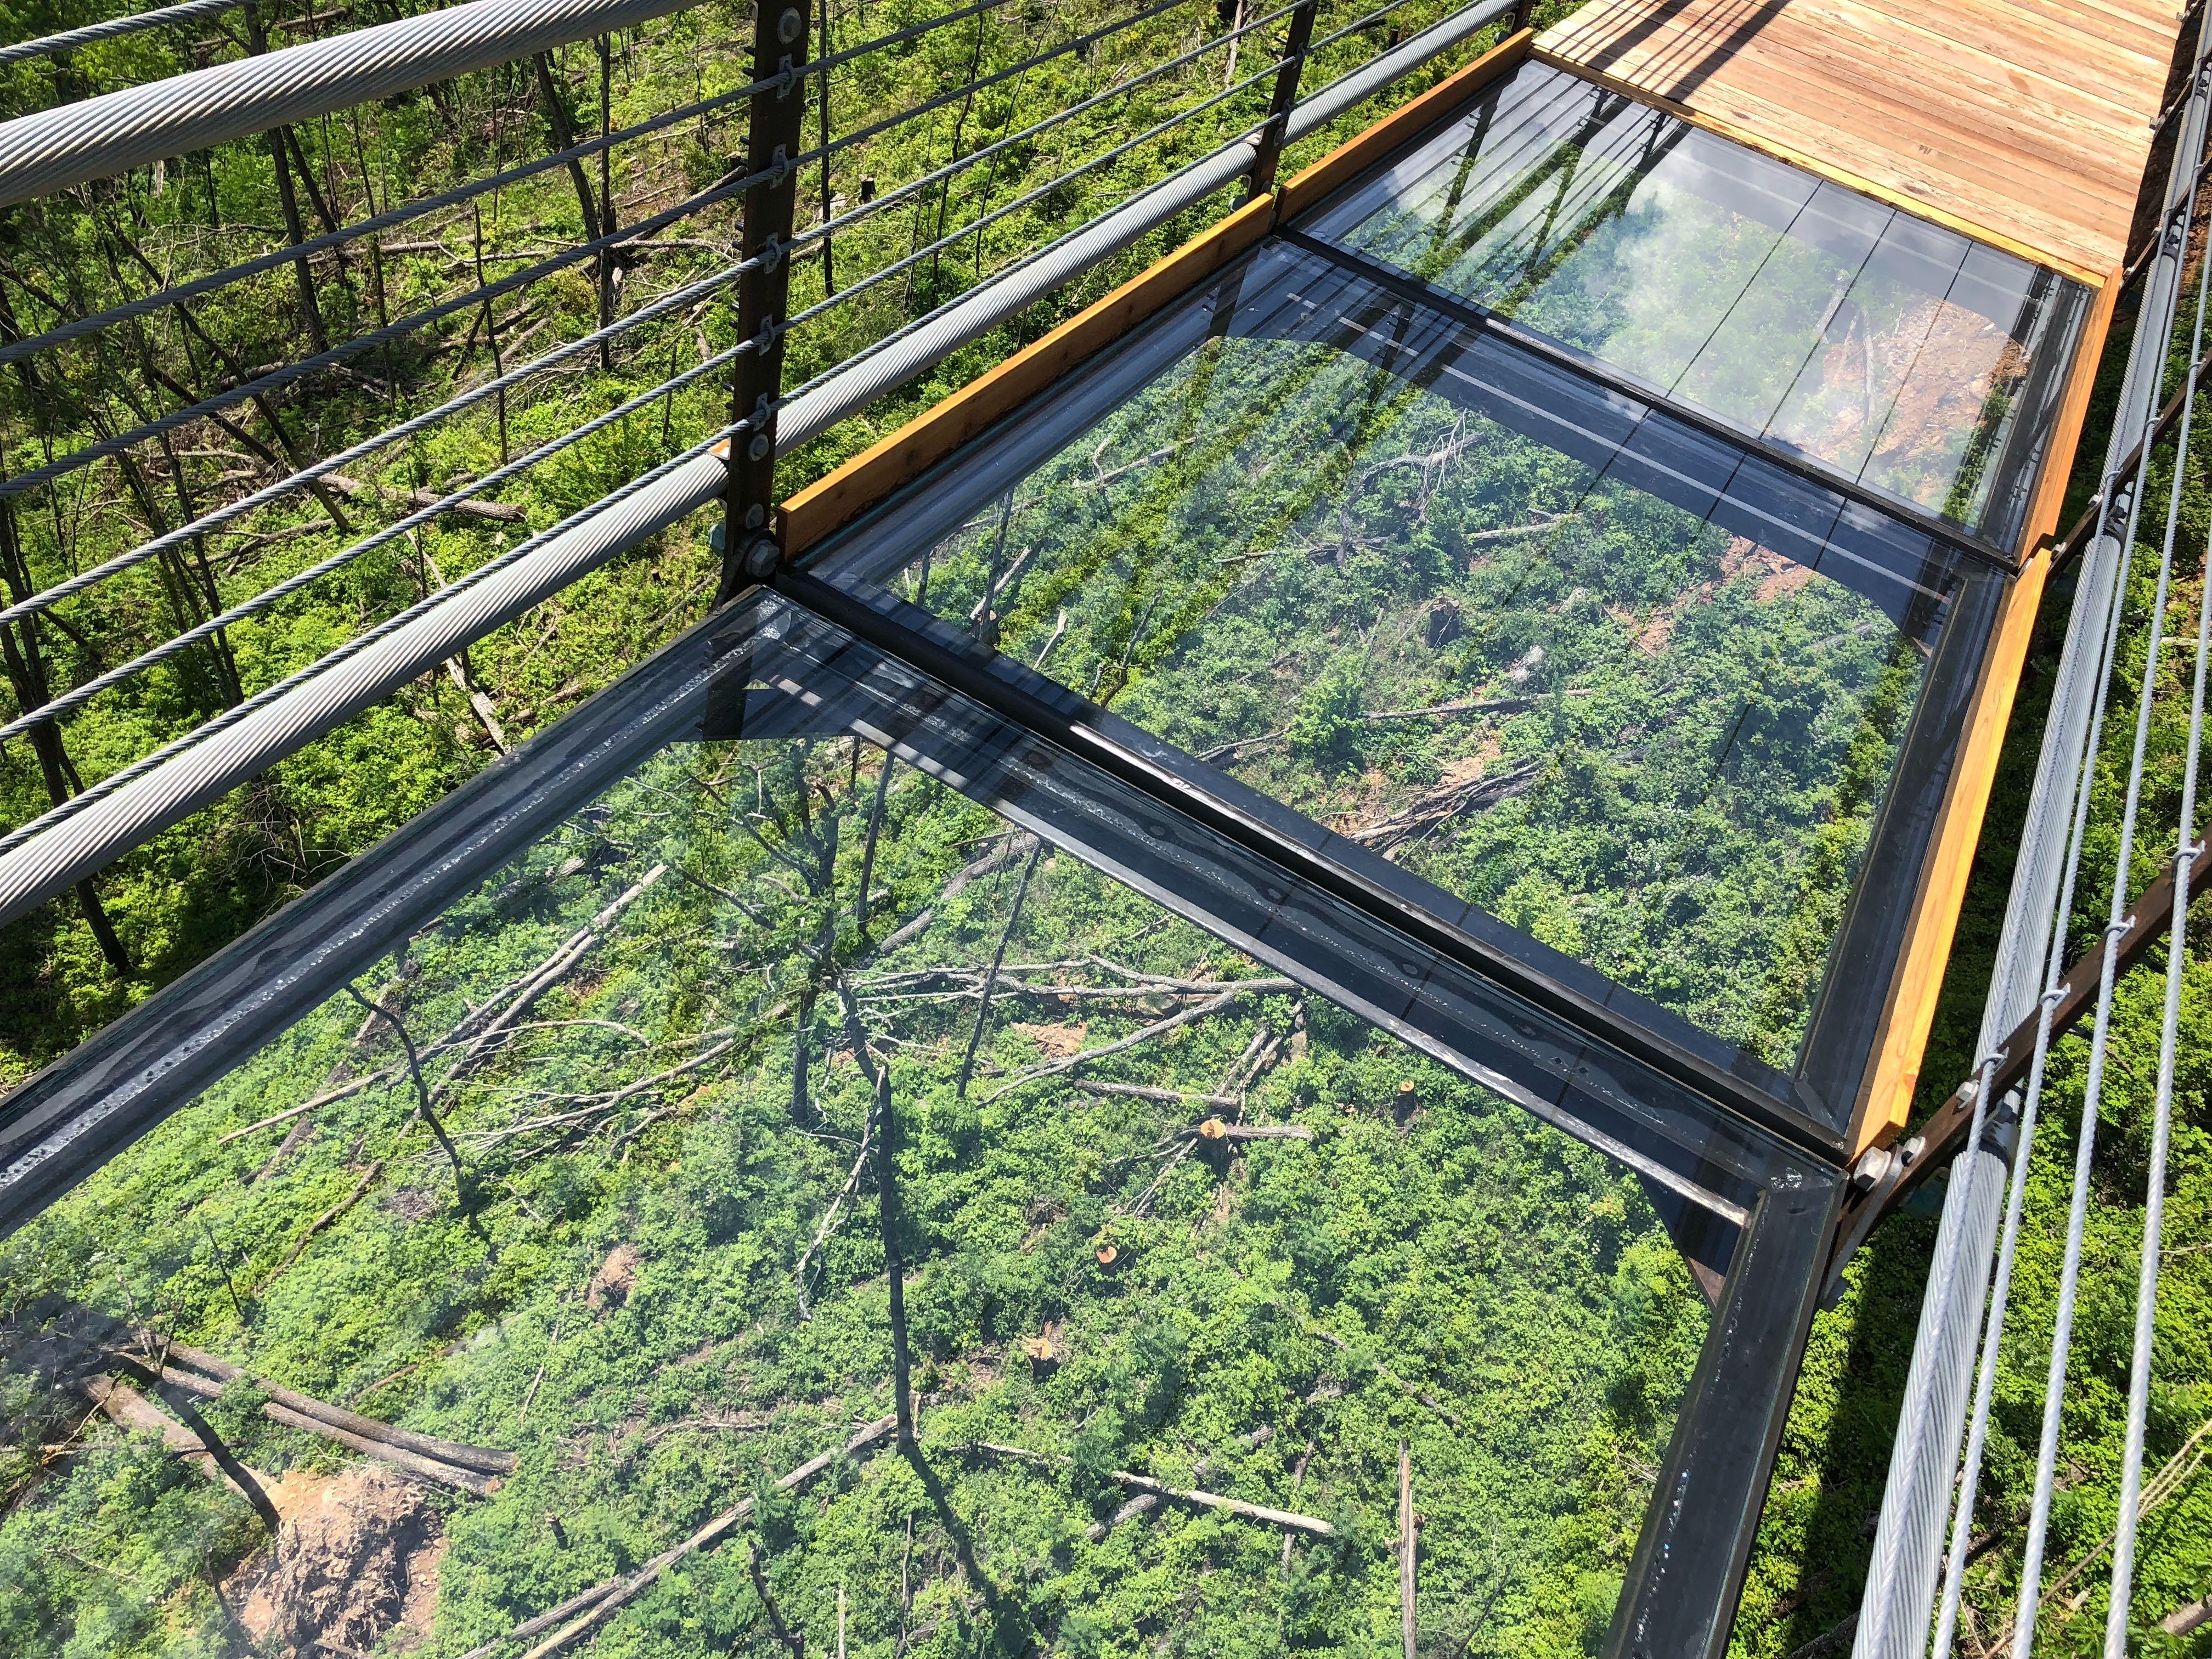 PHOTOS: The amazing Gatlinburg SkyBridge suspension bridge